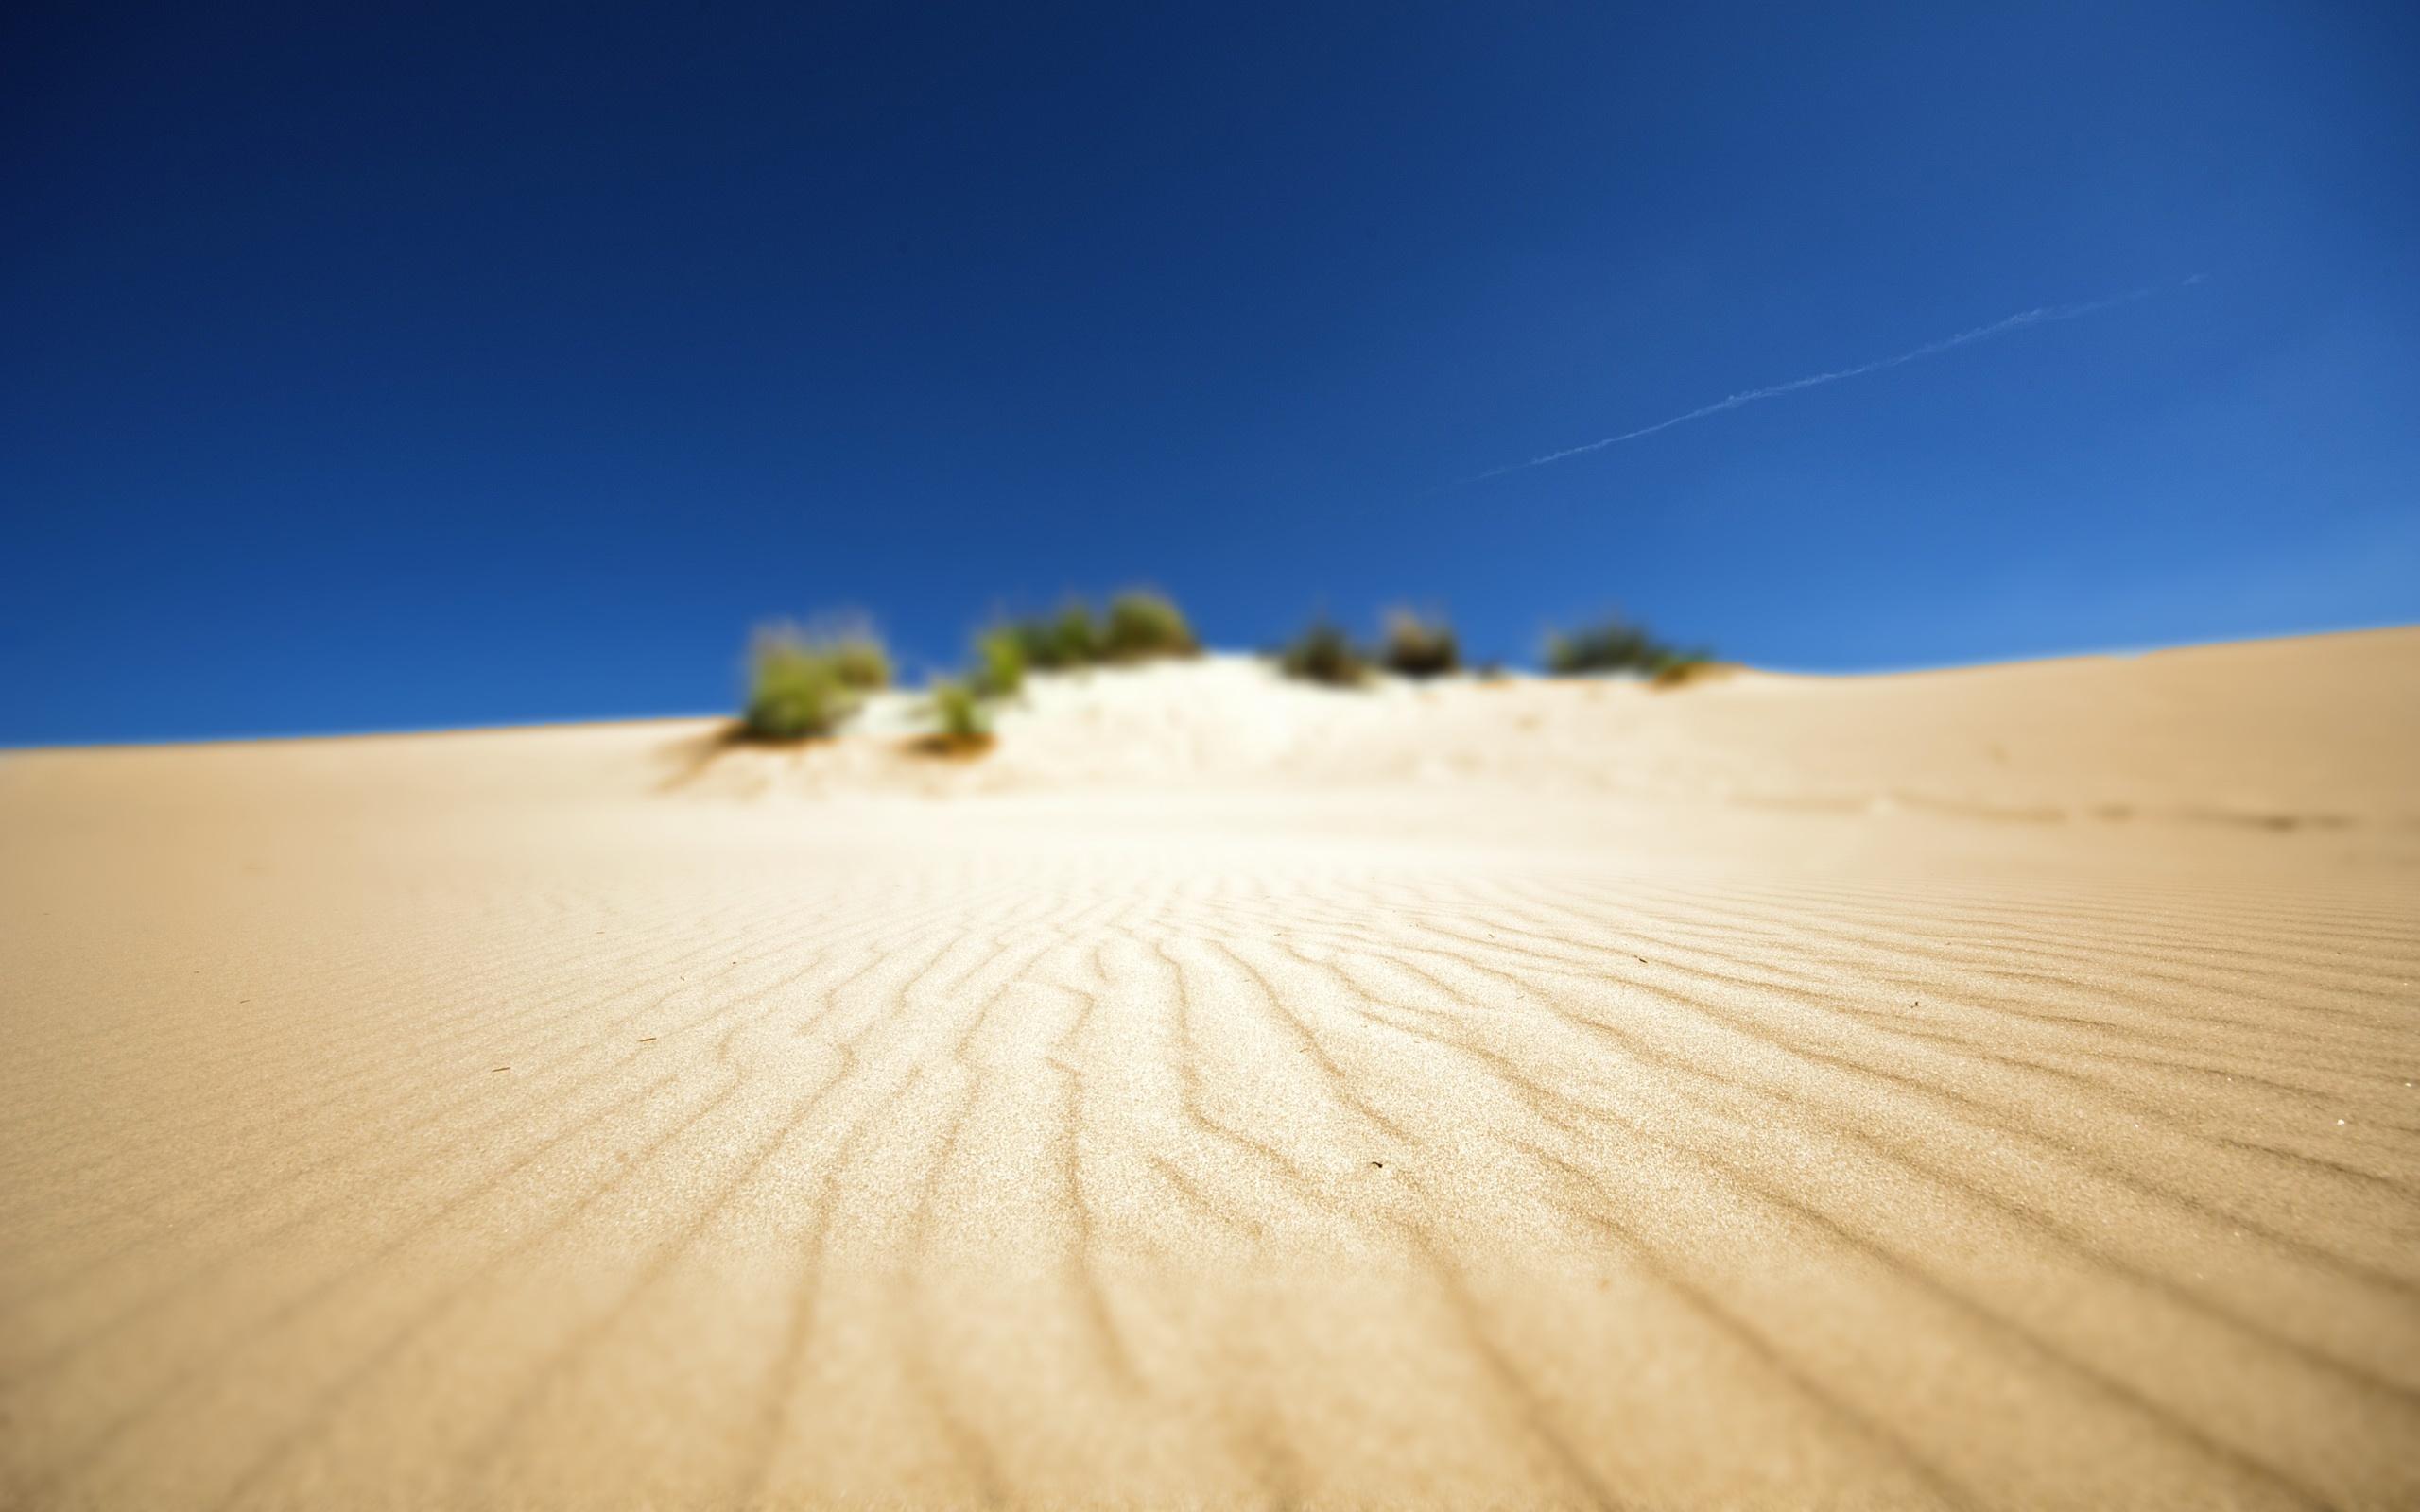 Картинка: Пустыня, небо, песок, рябь, волны, кусты, растительность, фокус